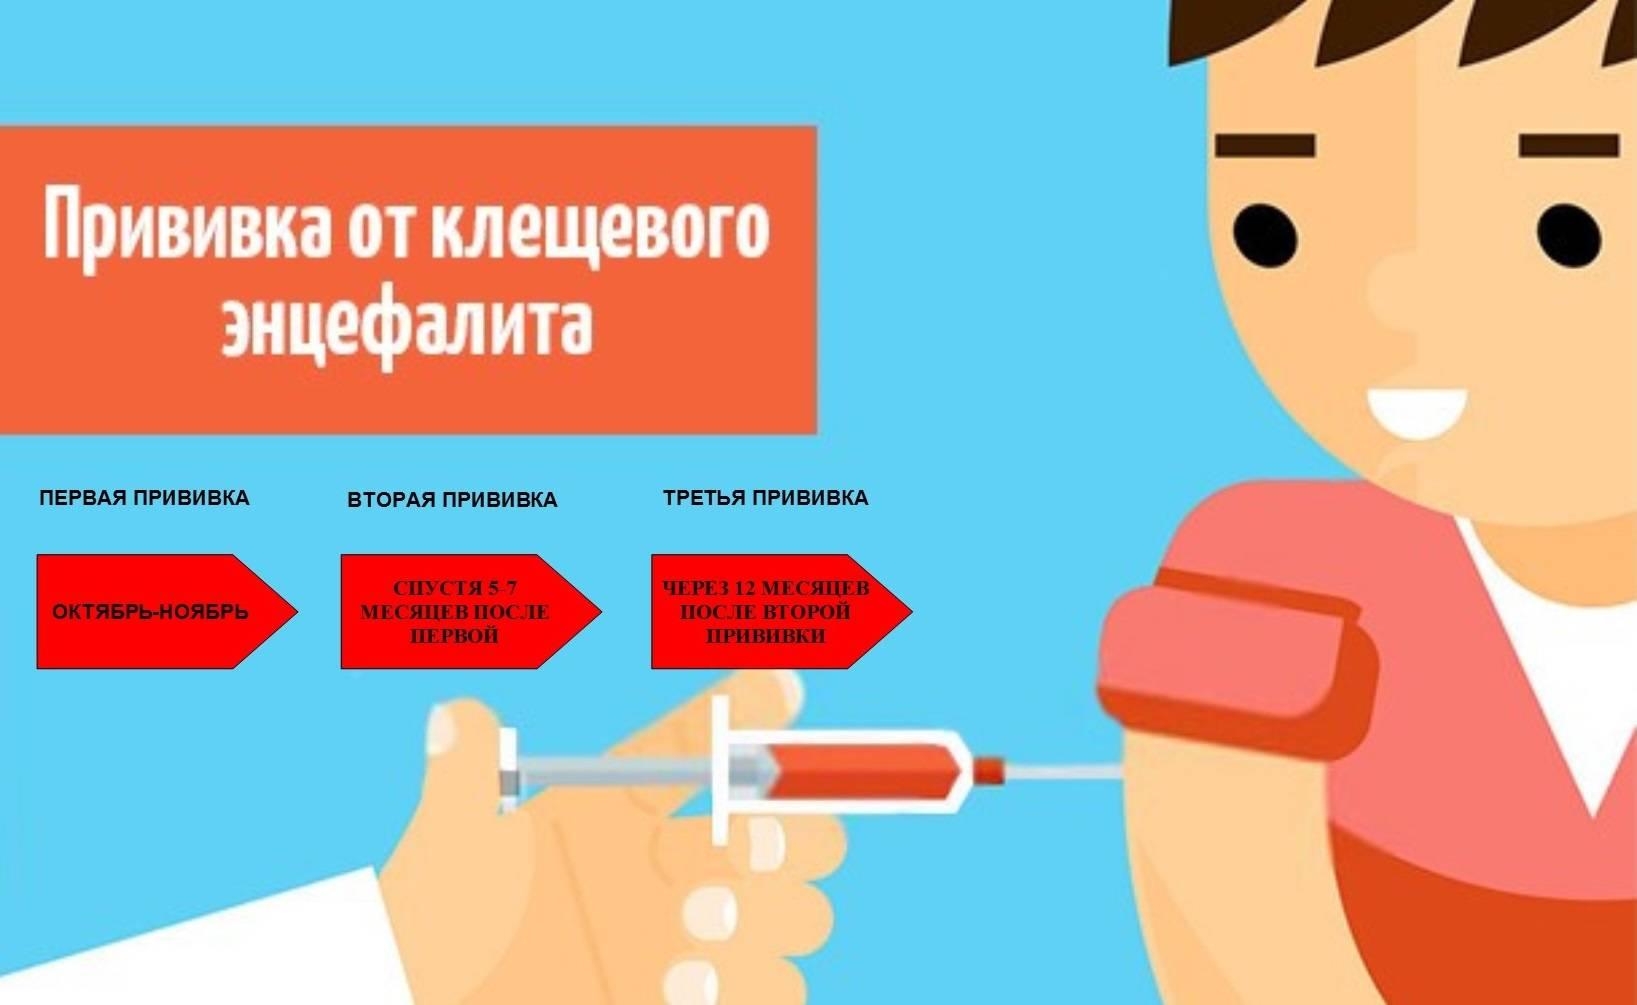 Прививка от клещевого энцефалита - кому показана, противопоказана, цена, побочные действия   азбука здоровья